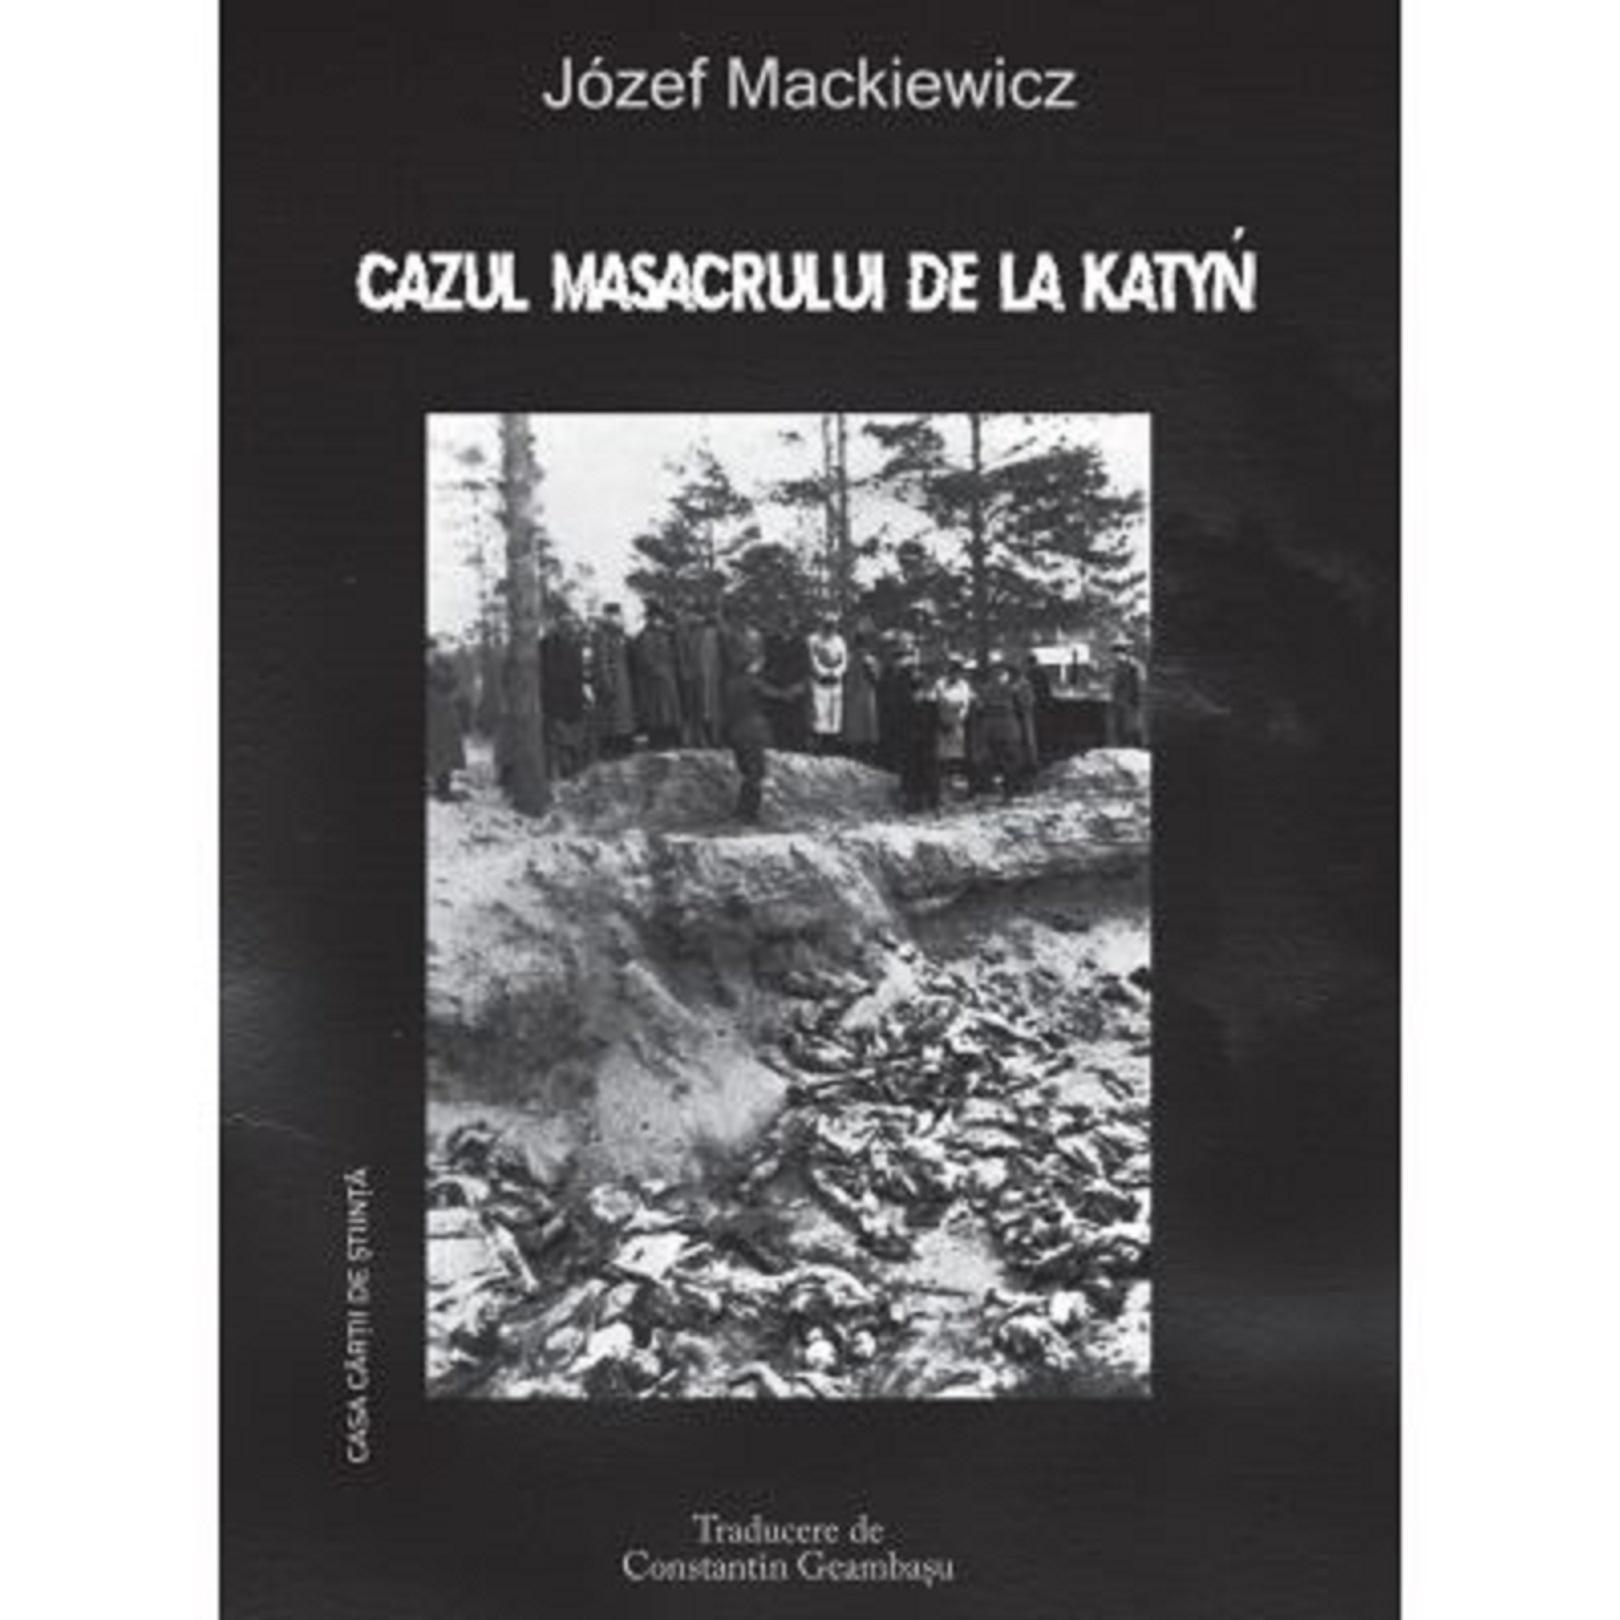 Cazul Masacrului de la Katyn